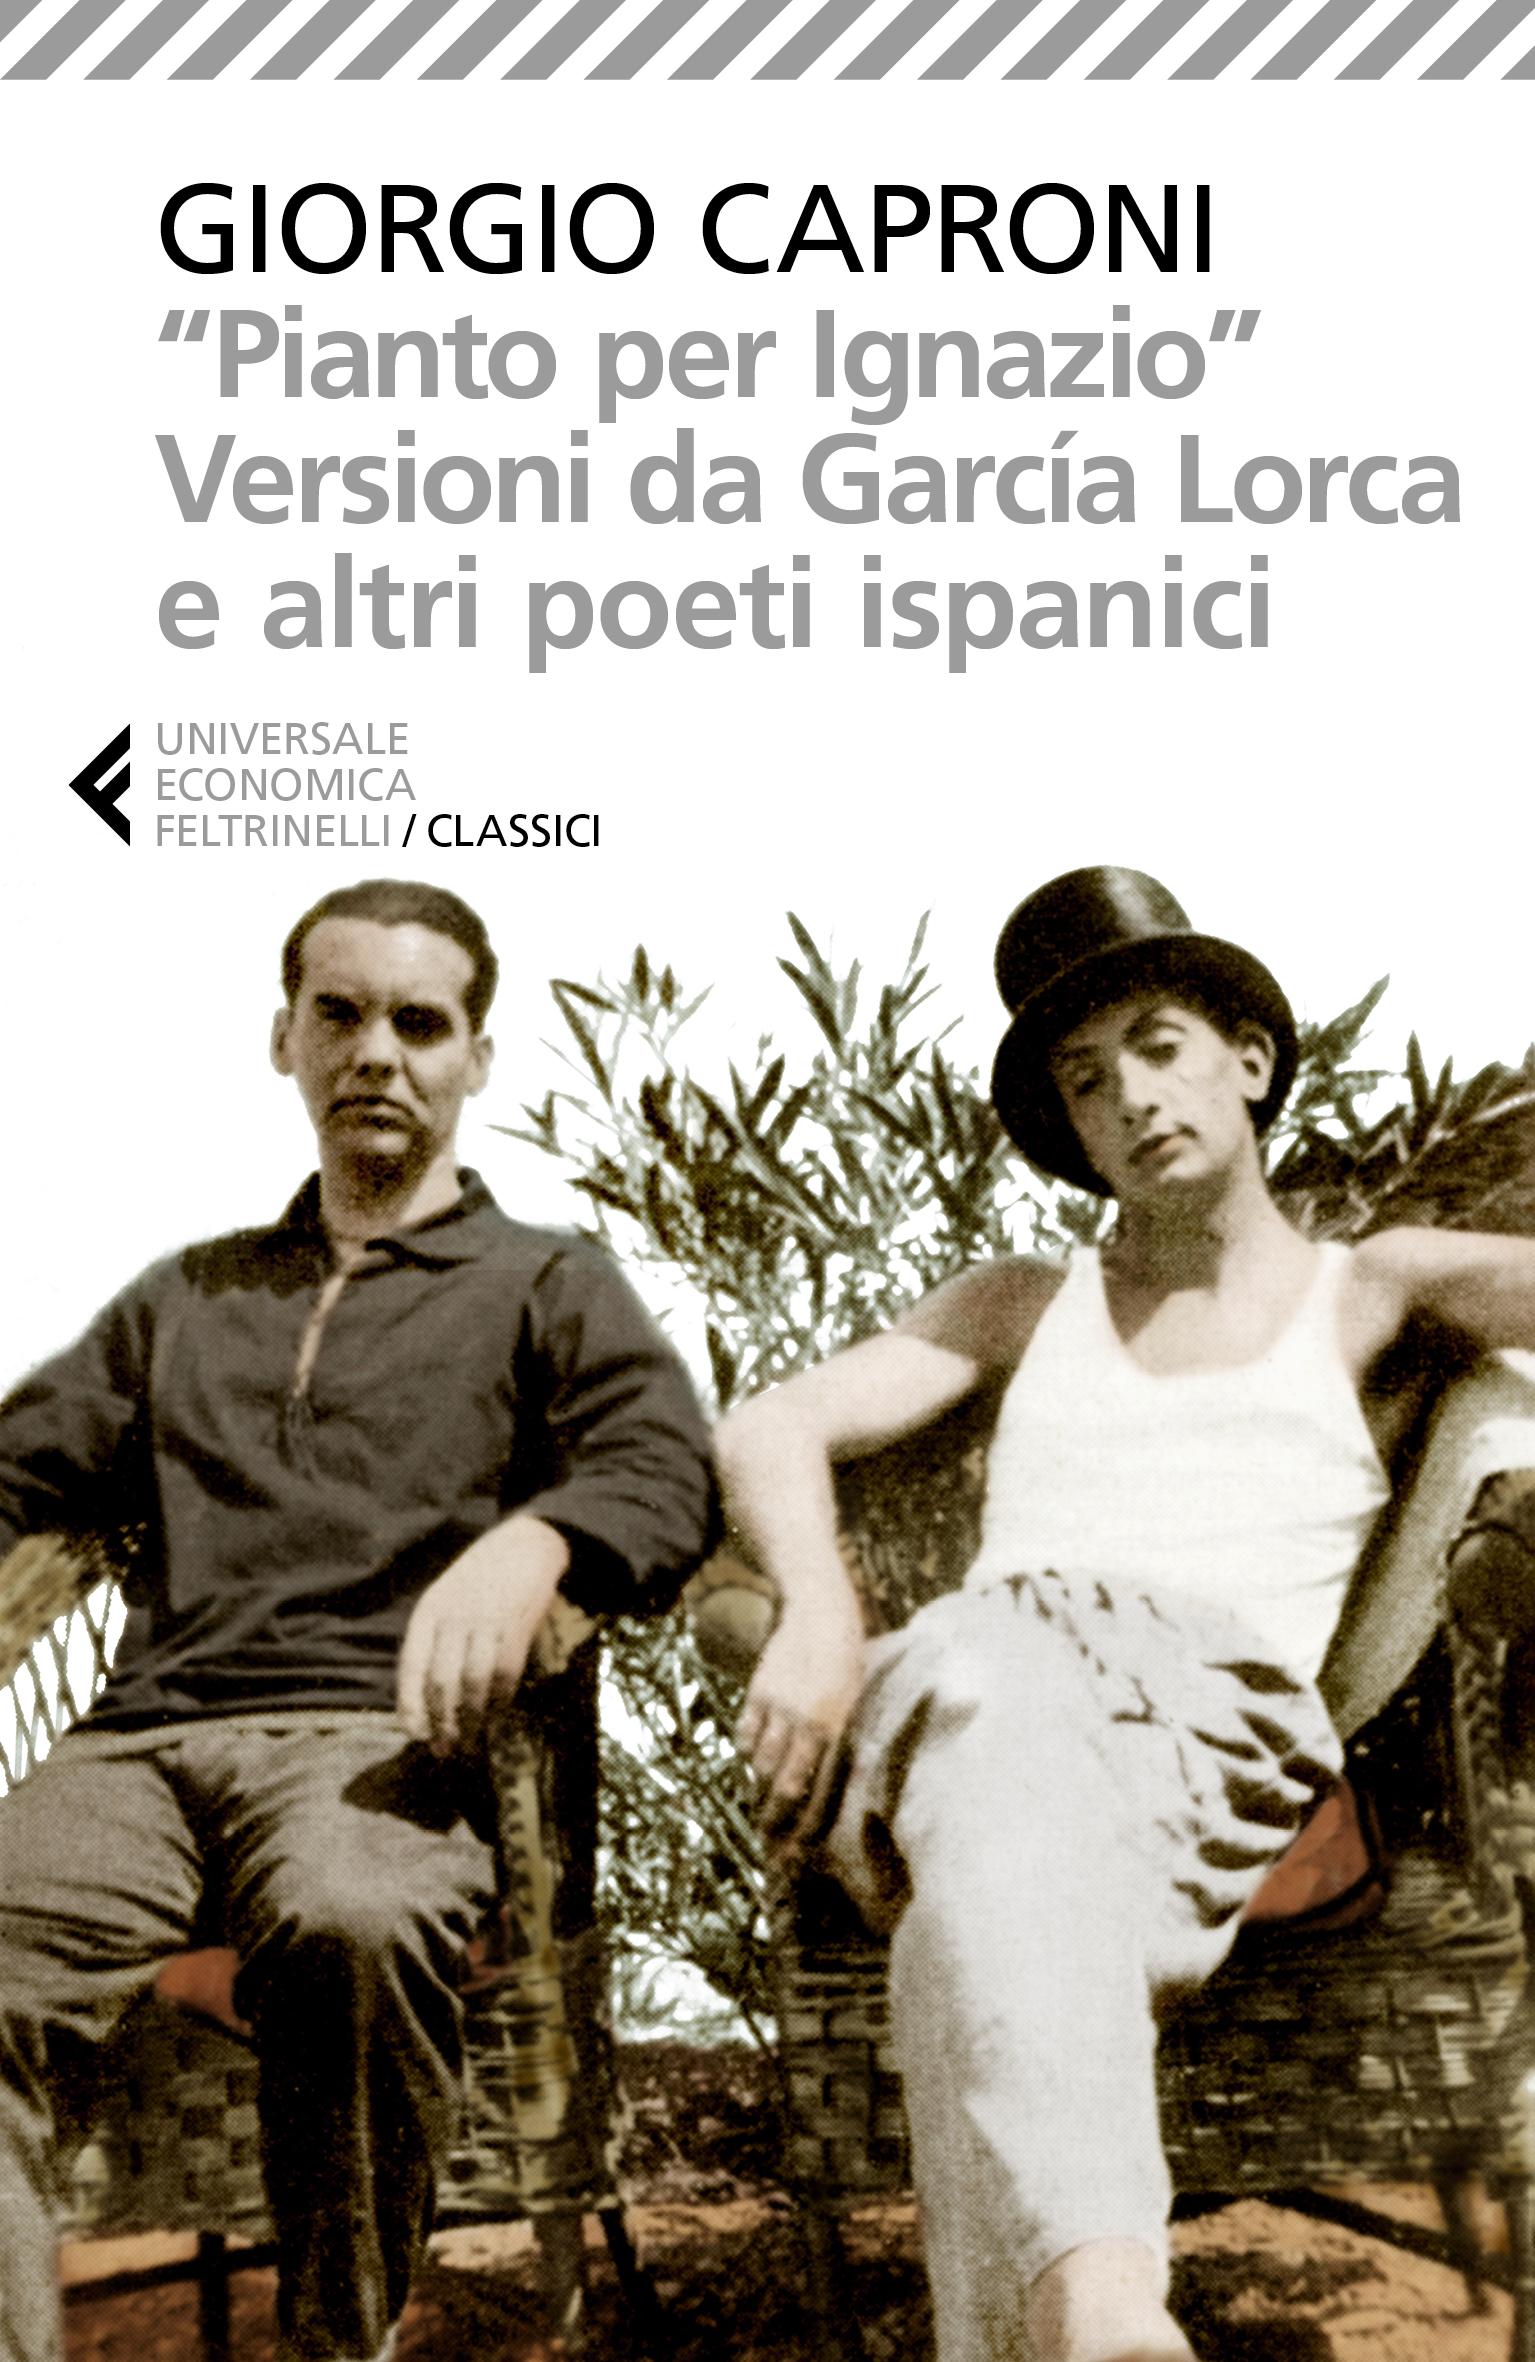 'Pianto per Ignazio'. Versioni da García Lorca e altri poeti ispanici